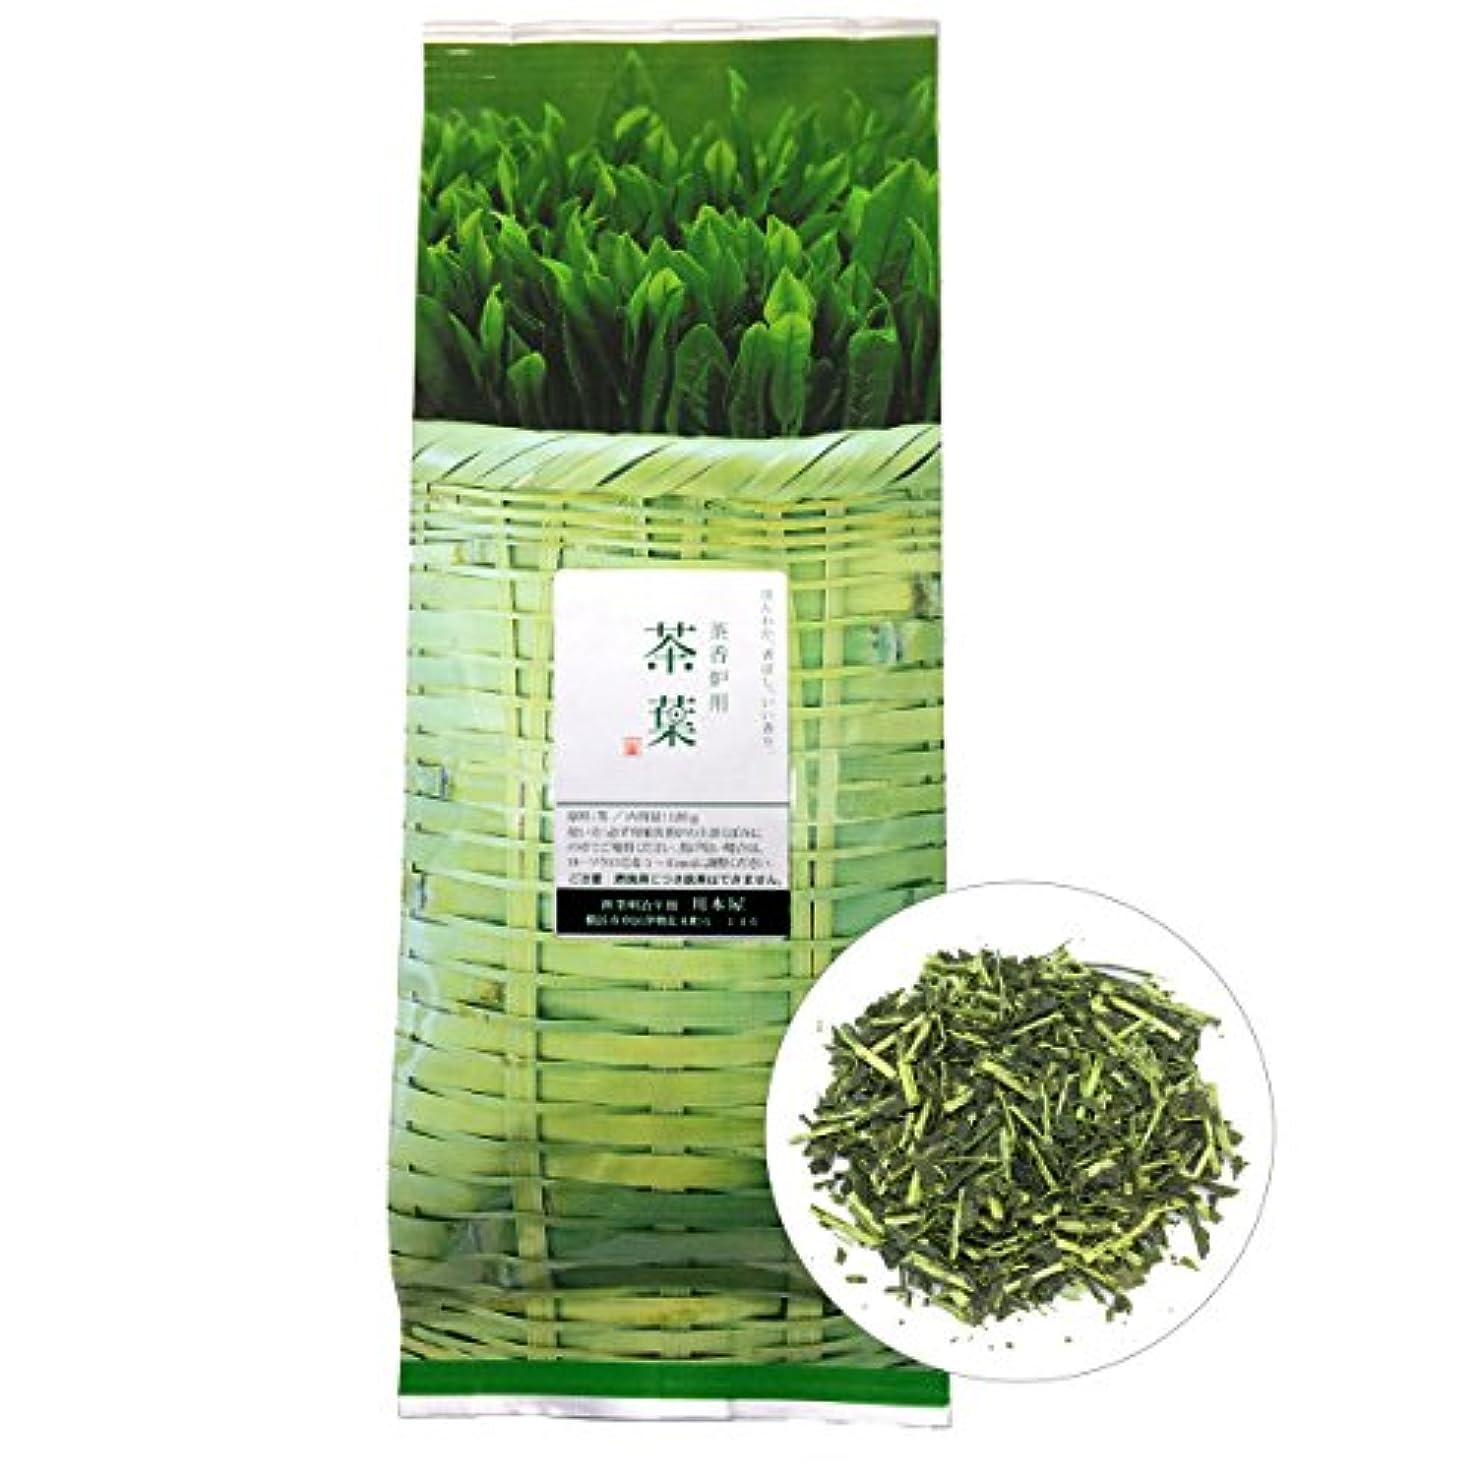 速記解説重要国産 茶香炉専用 茶葉110g (1袋) 川本屋茶舗